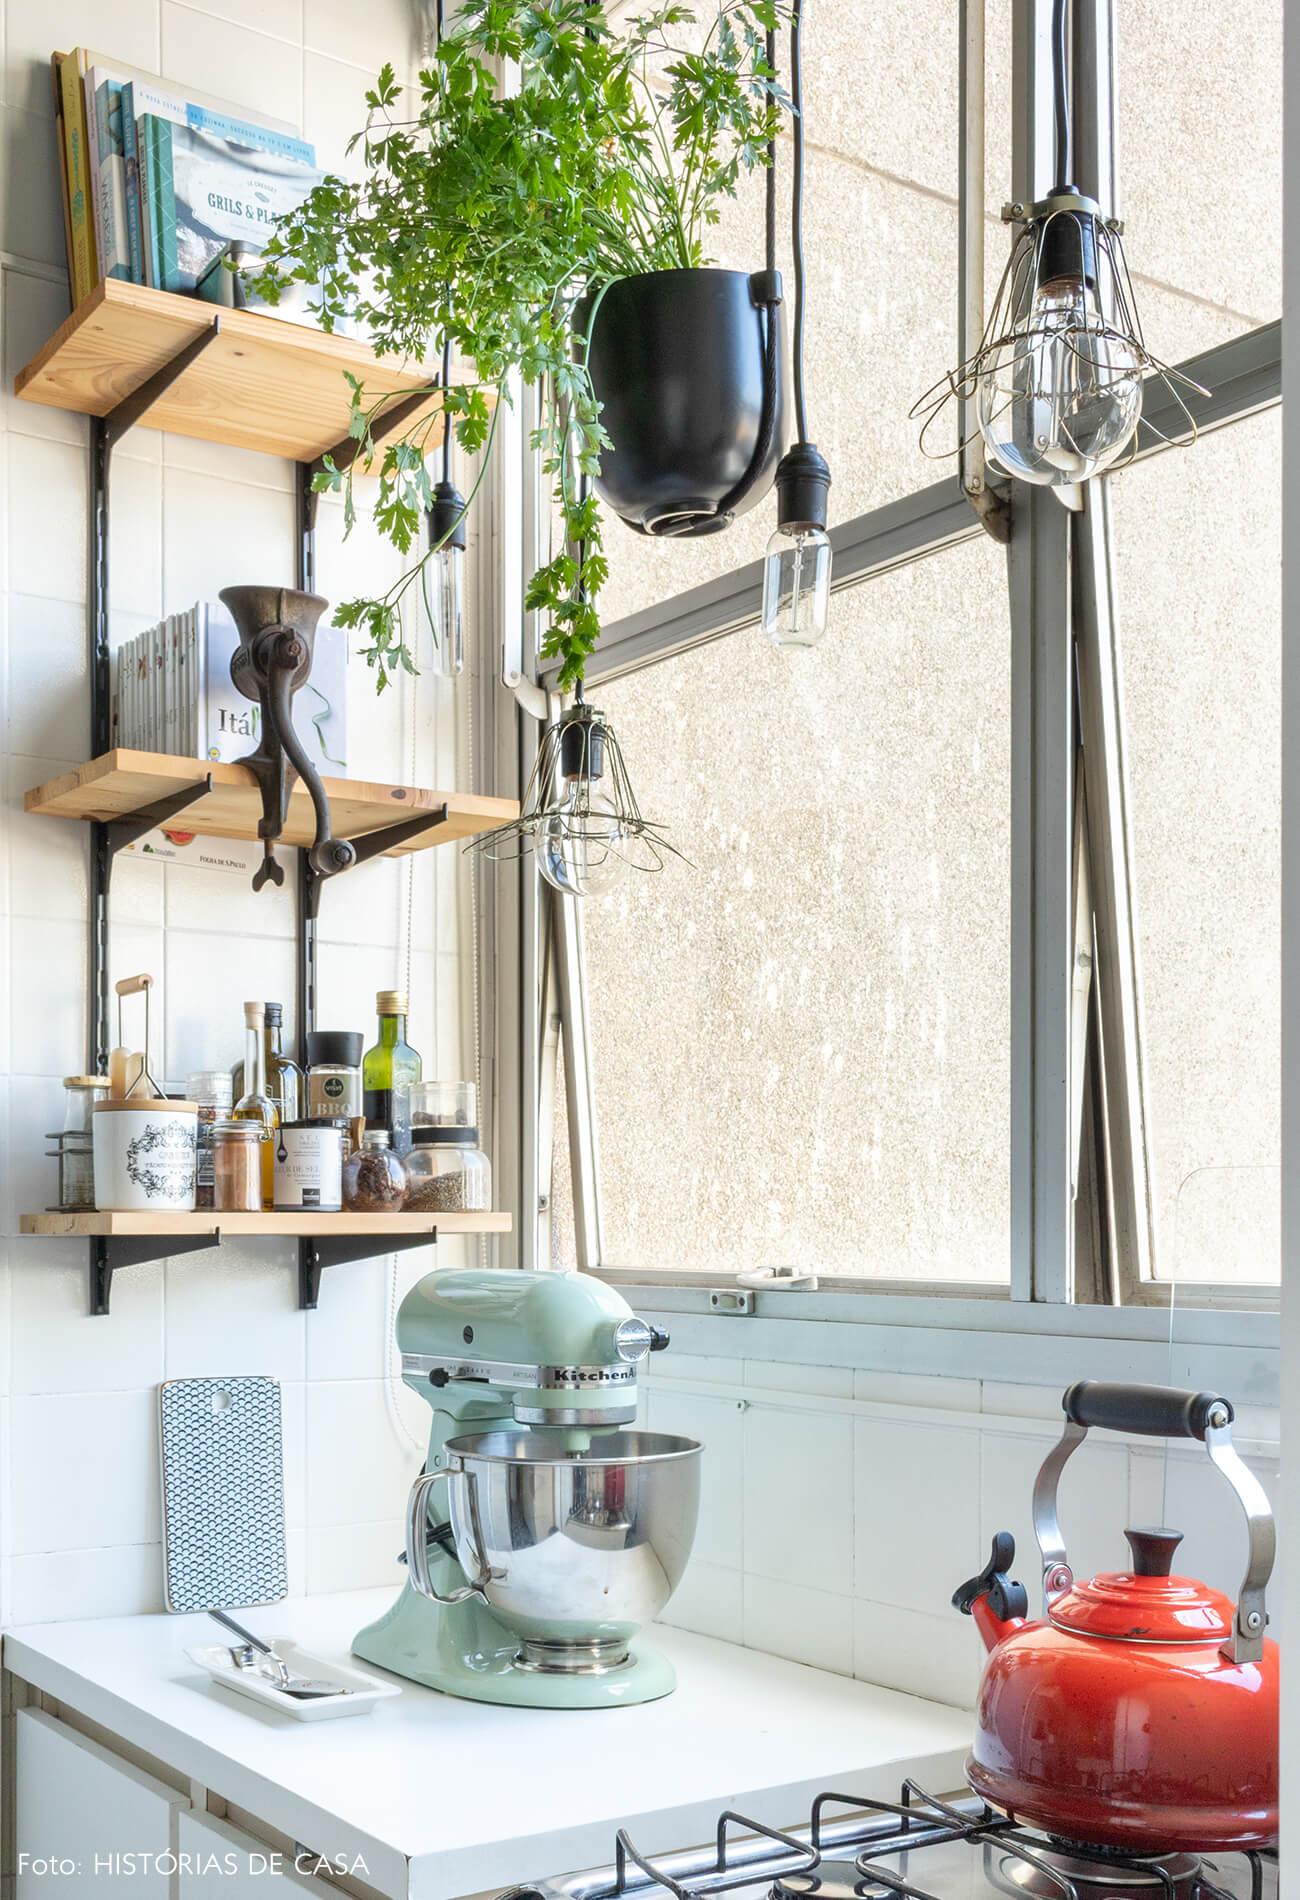 cozinha prateleira e chaleira